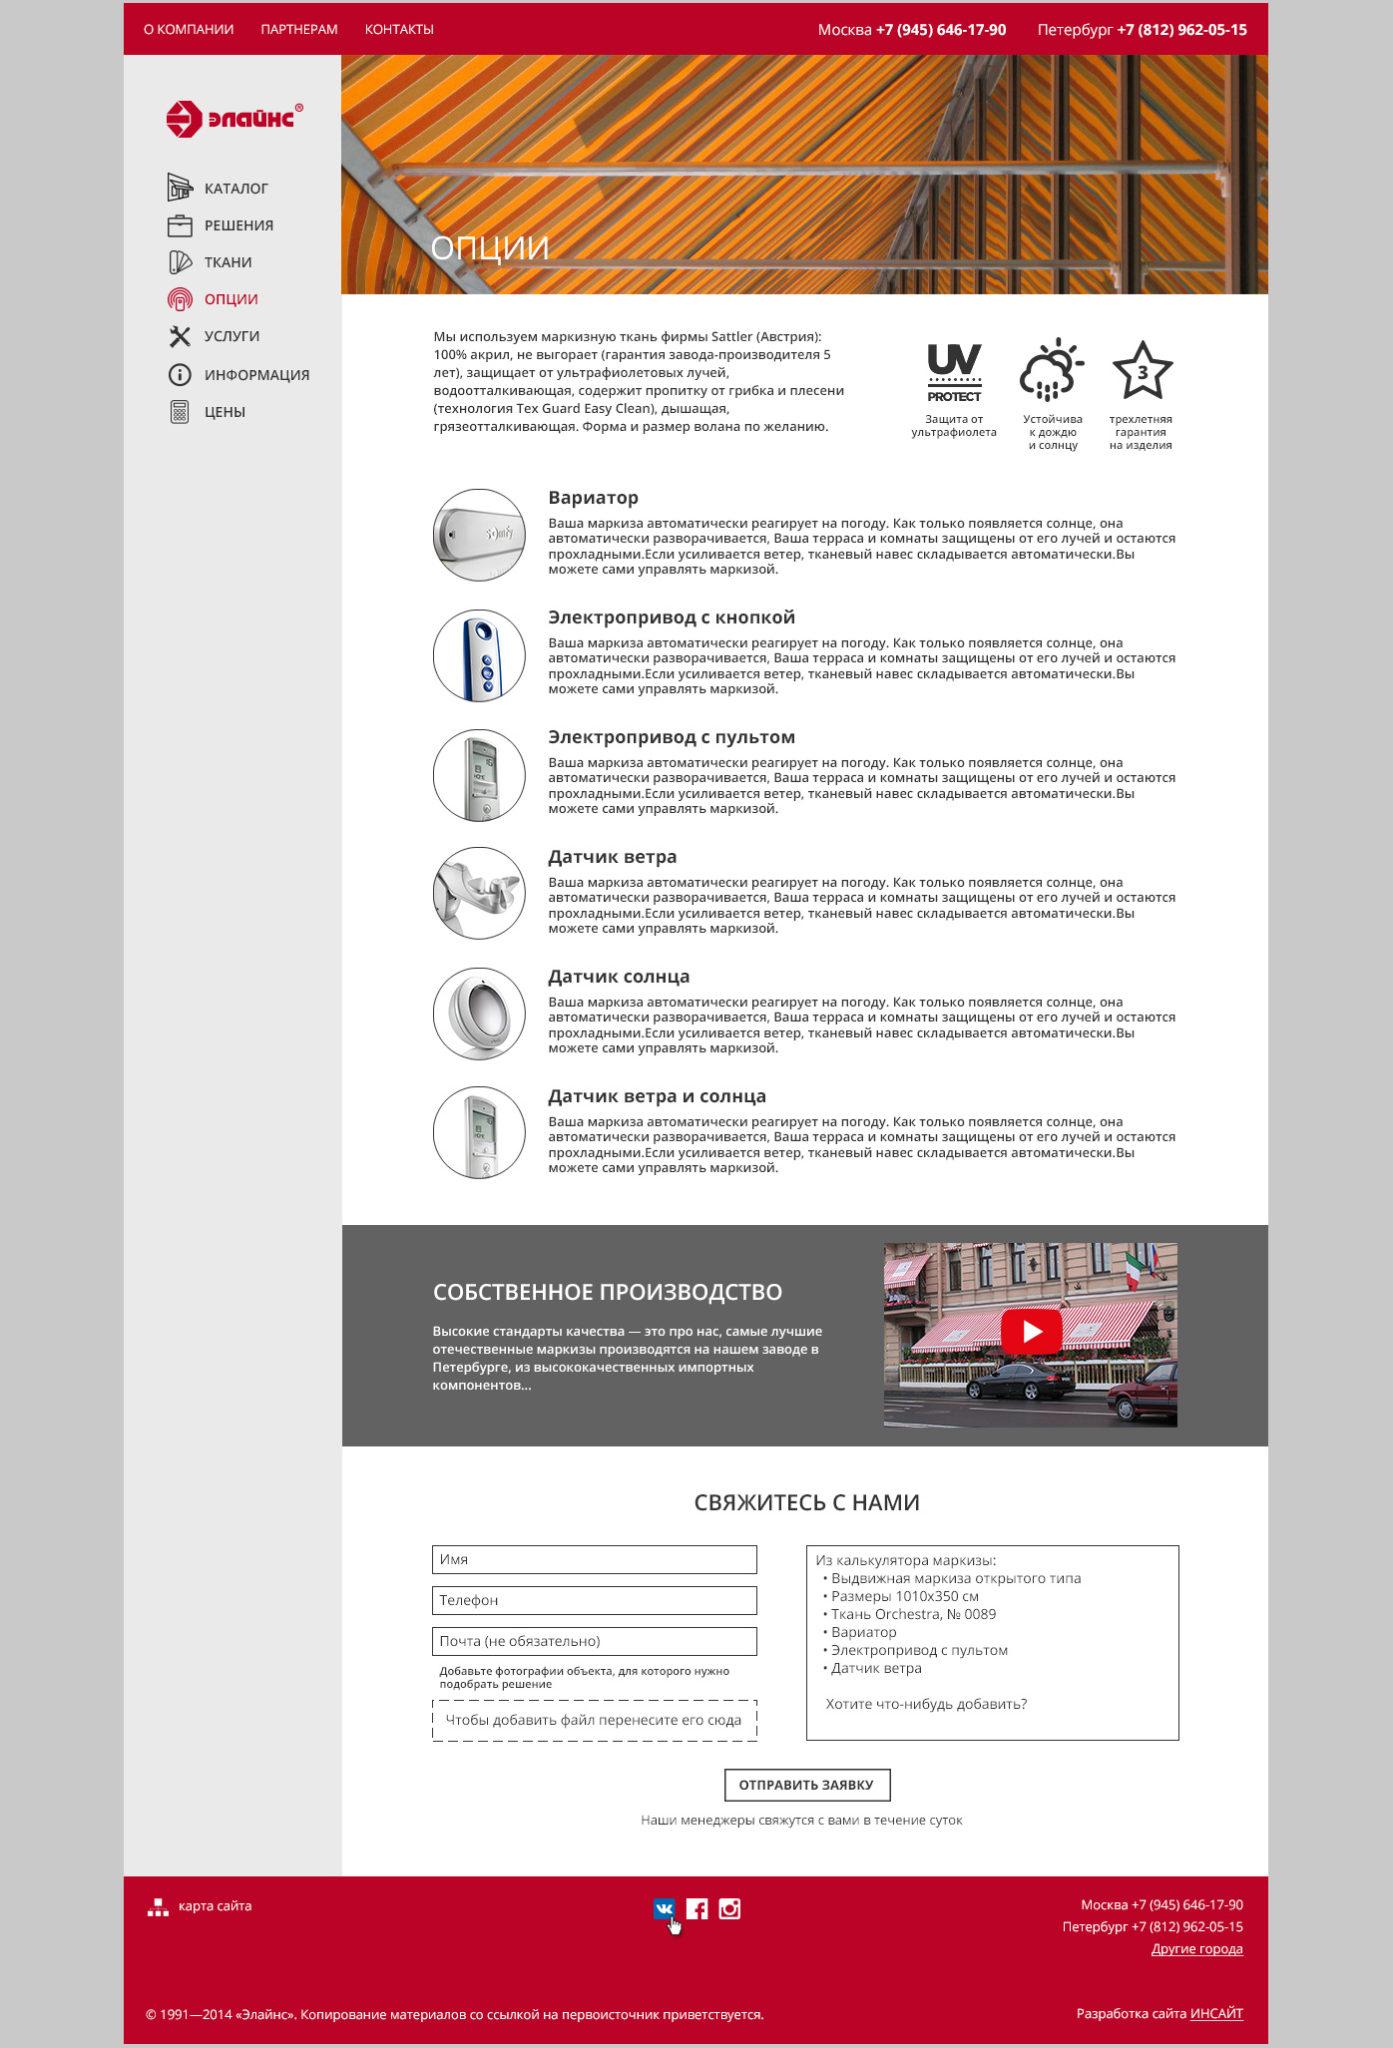 directorul site-ului, bunuri, calculator, Copertine, Elayns, Saint Petersburg, Битрикс, Bitrix, Design receptivă, machiaj, programare, magazin online, SEO, optimizare